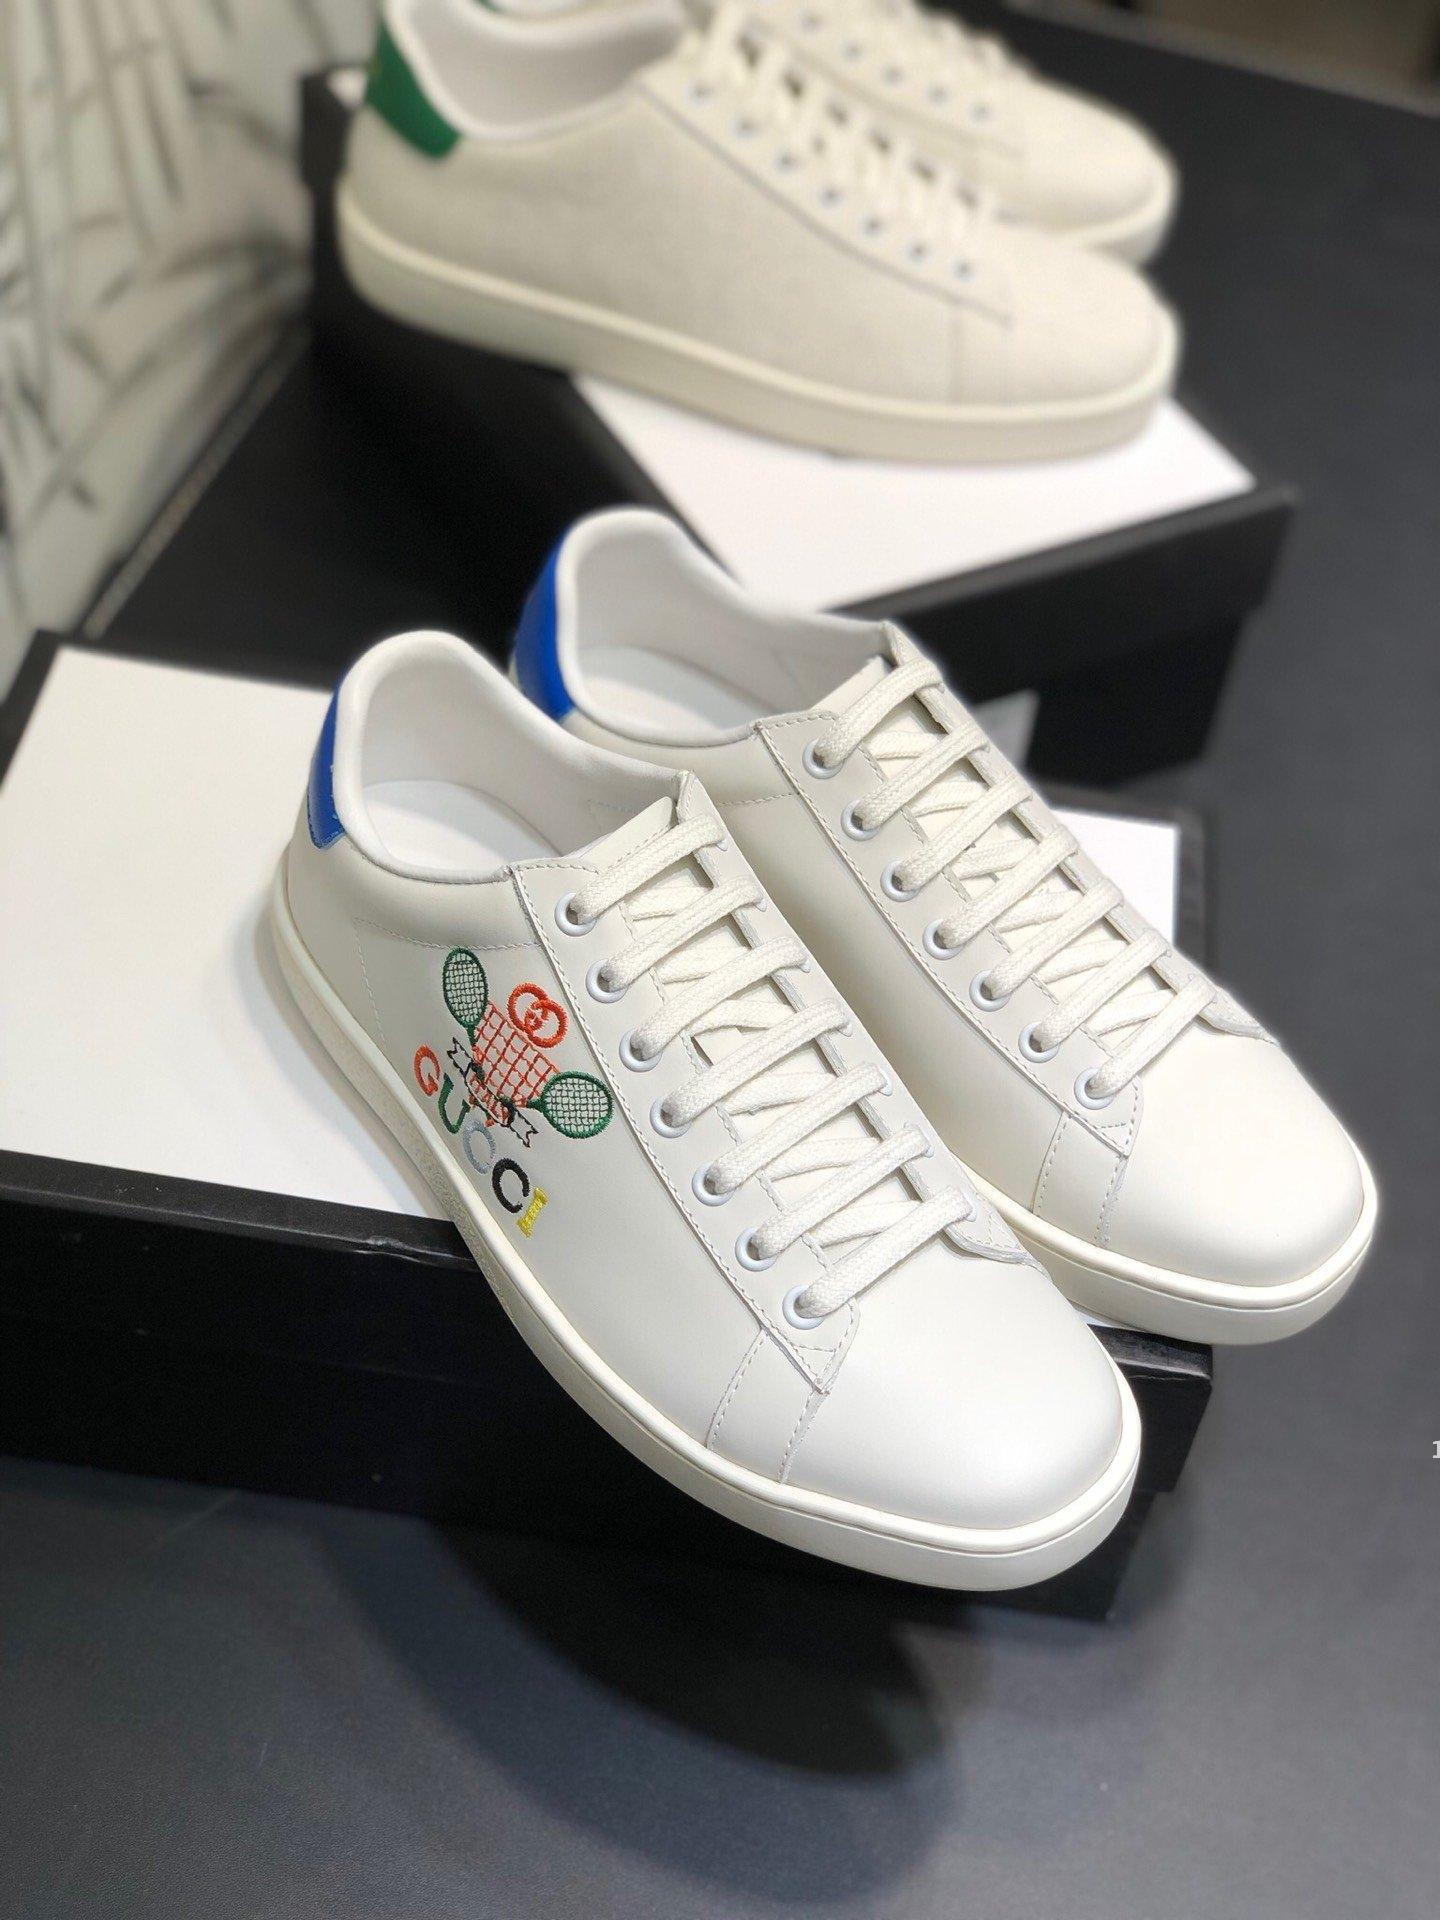 роскошь дизайнер 630 Sneaker платформа Тренажеры замши телячьей кожа обуви Мужские дизайнеры из натуральной кожи Мода кроссовок смешанного цвета с коробкой E01